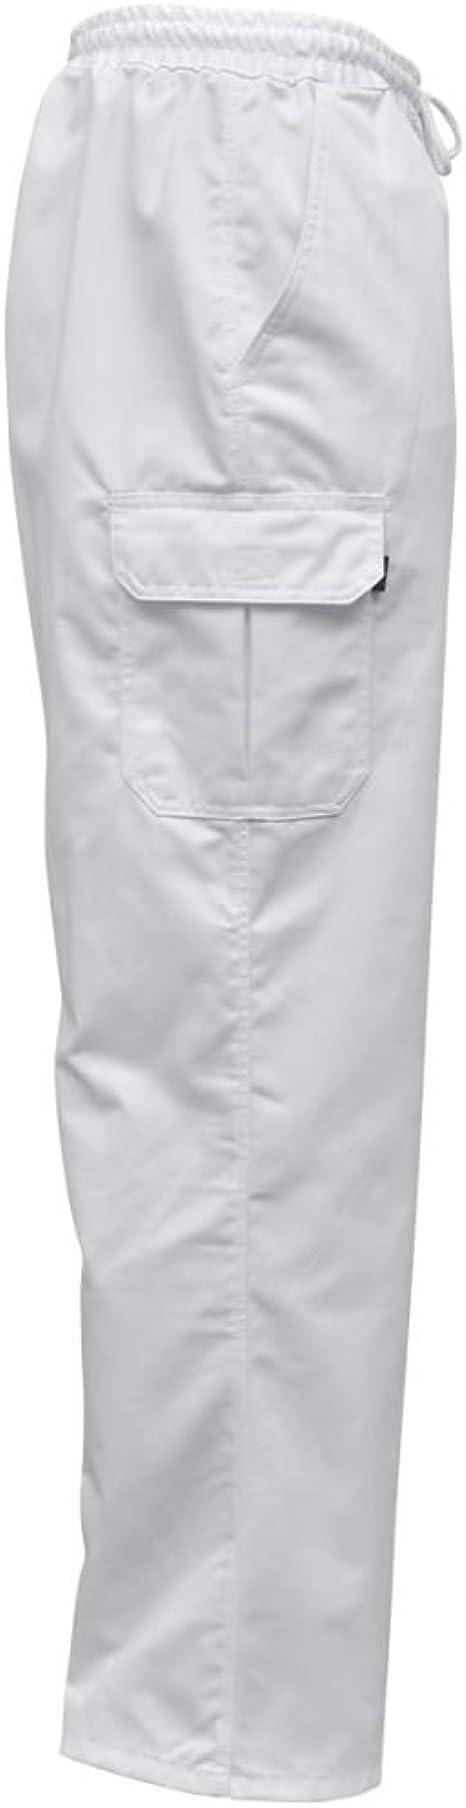 vidaXL 2 Pz Pantaloni da Cuoco Cuochi Lavoro Cintura Elastica Colori e Taglie Diversi